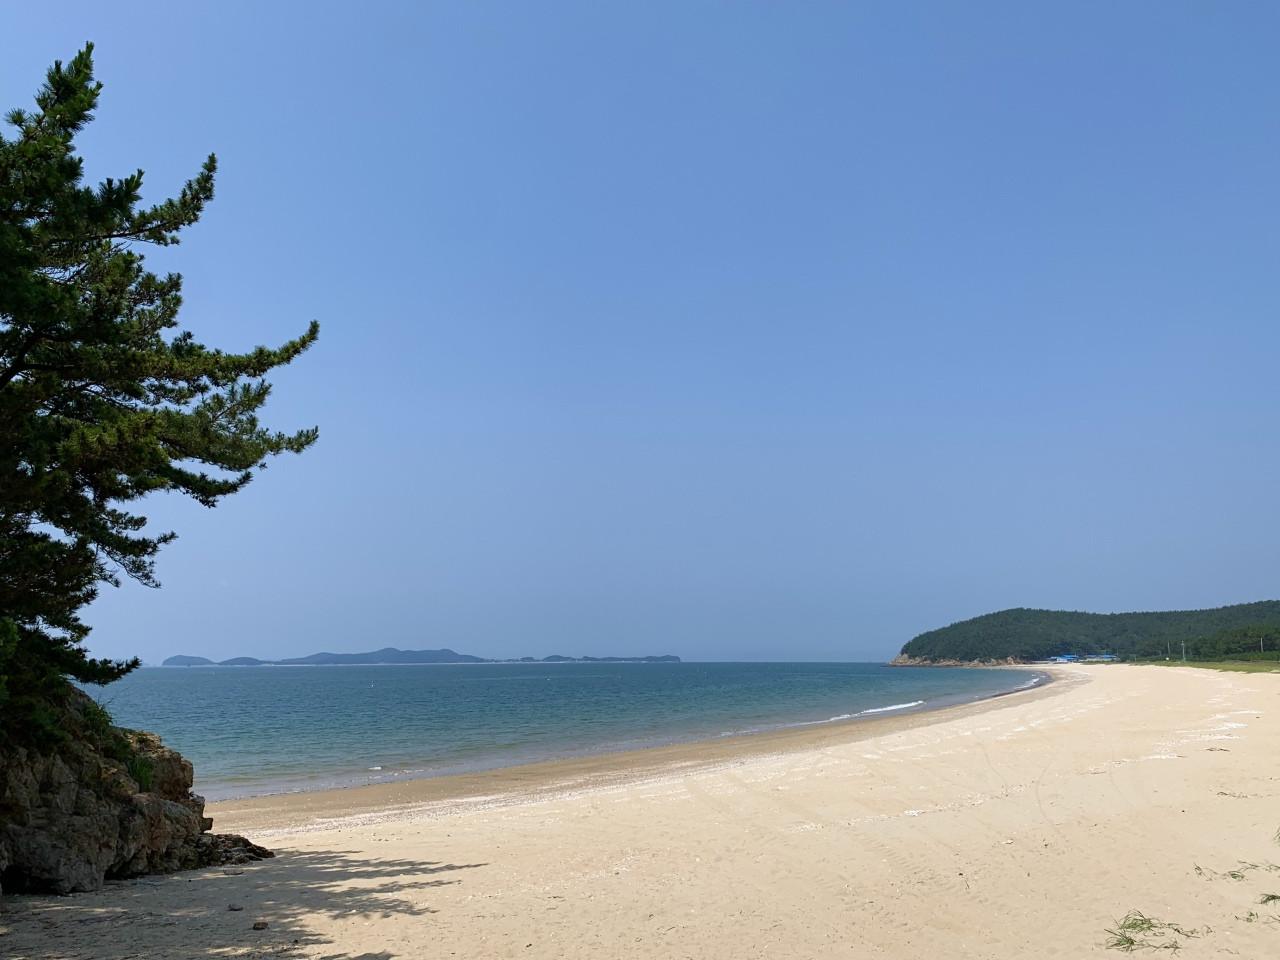 Taean offers idyllic beach getaway in COVD-19 times